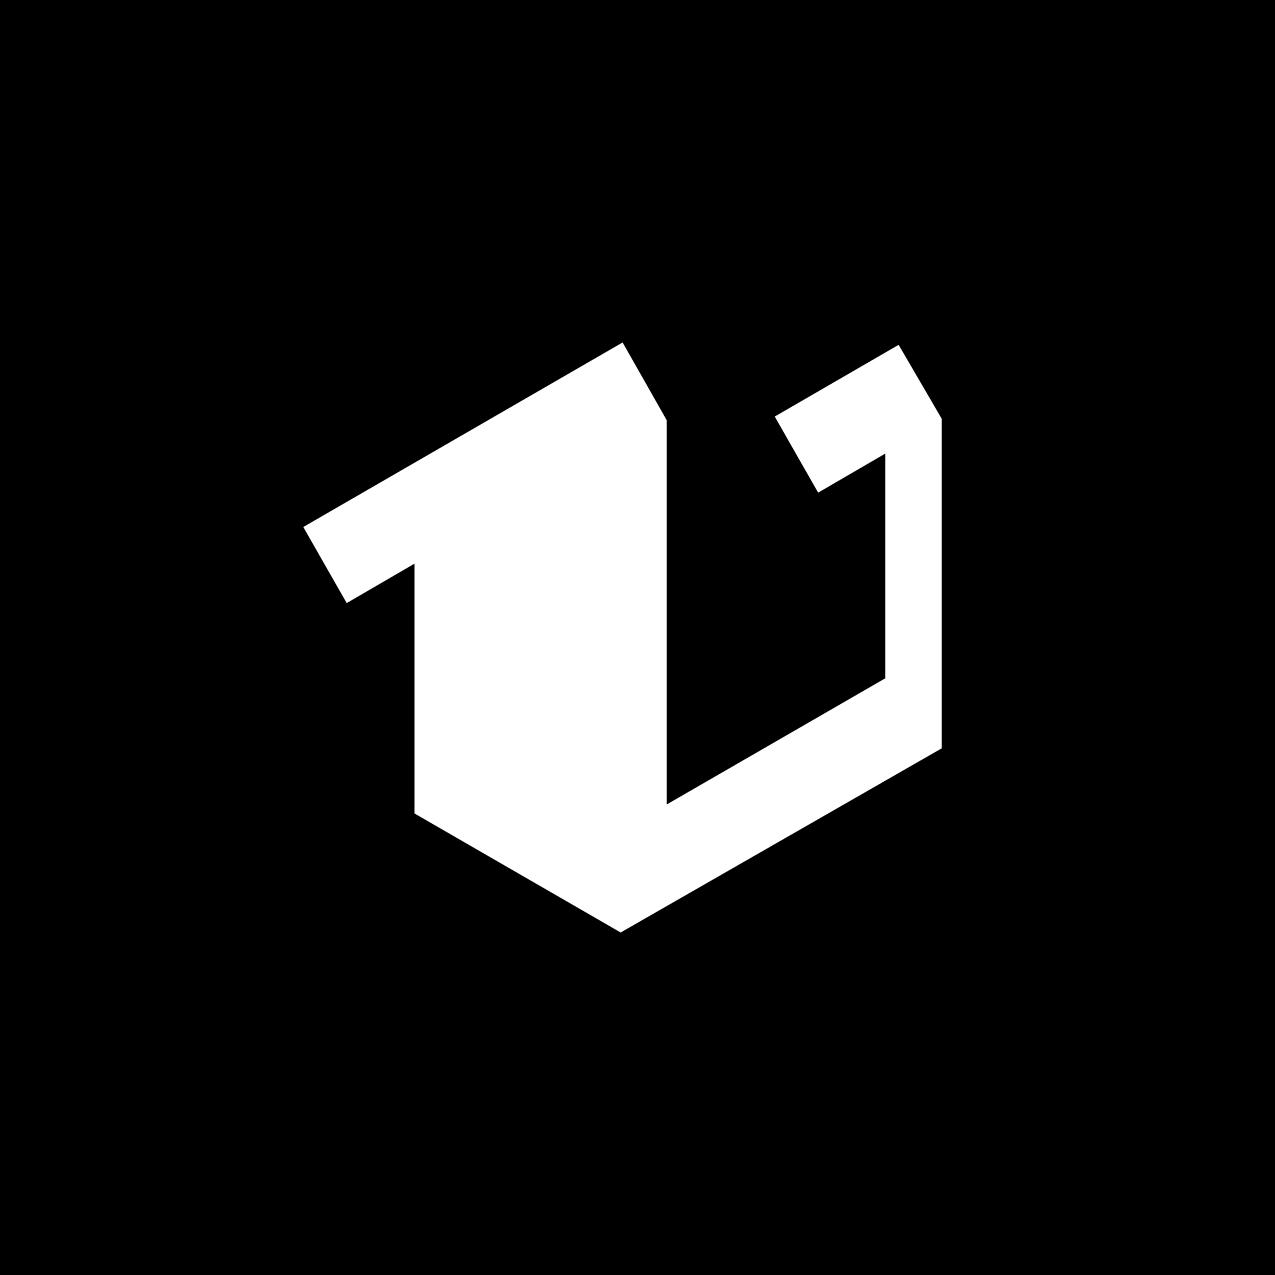 Letter V5 Design by Furia